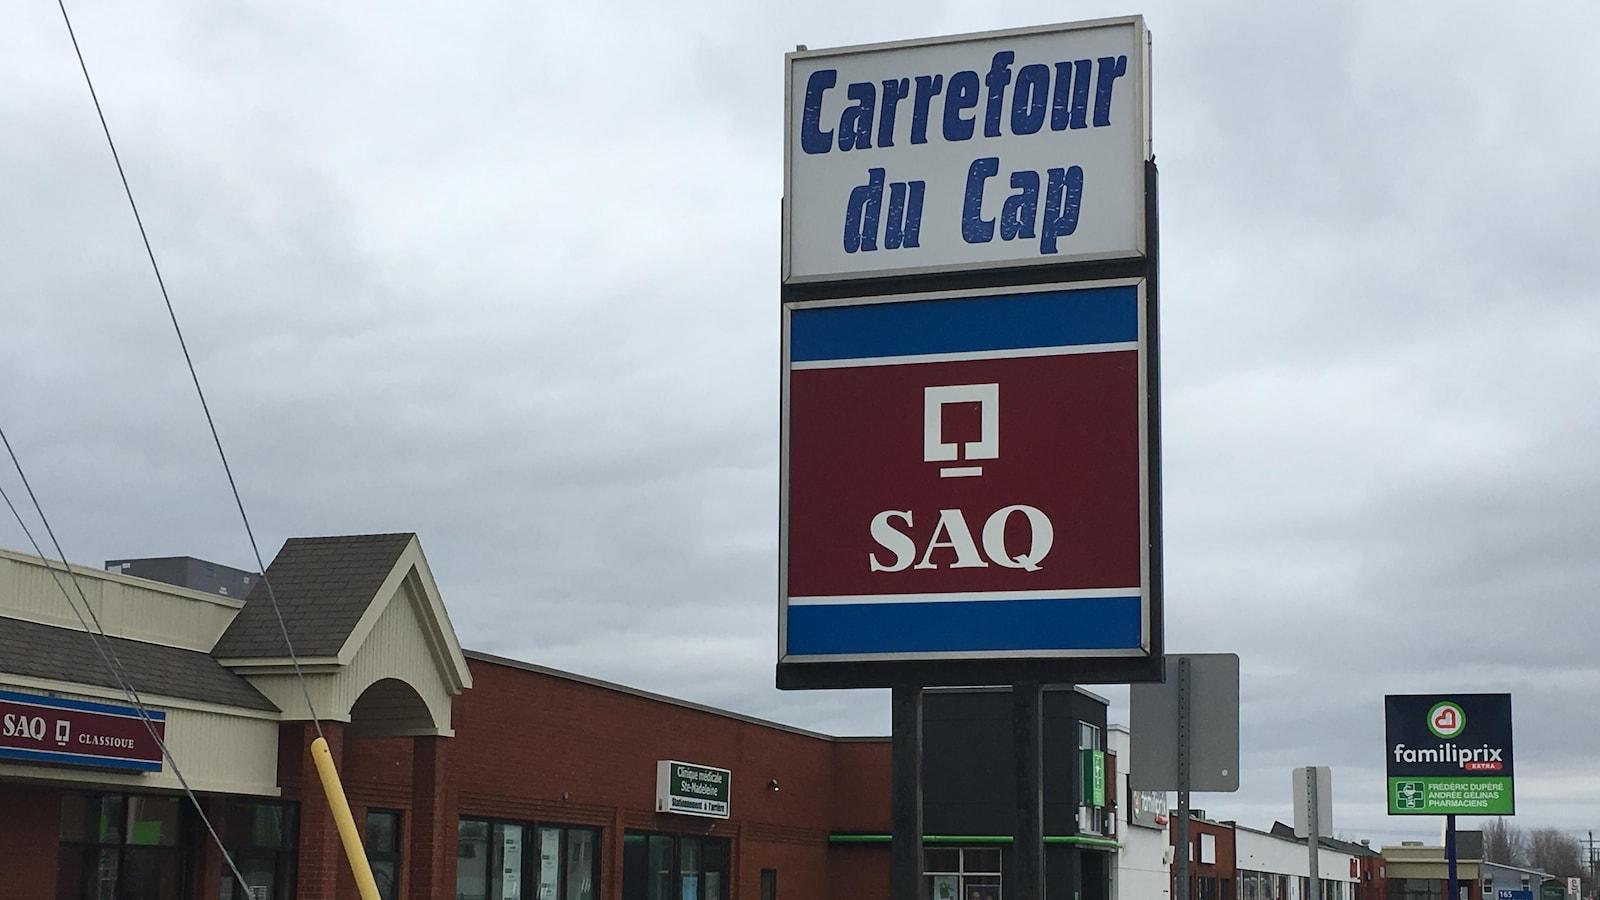 Le Carrefour du Cap est un petit centre commercial situé dans le secteur Cap-de-la-Madeleine à Trois-Rivières.